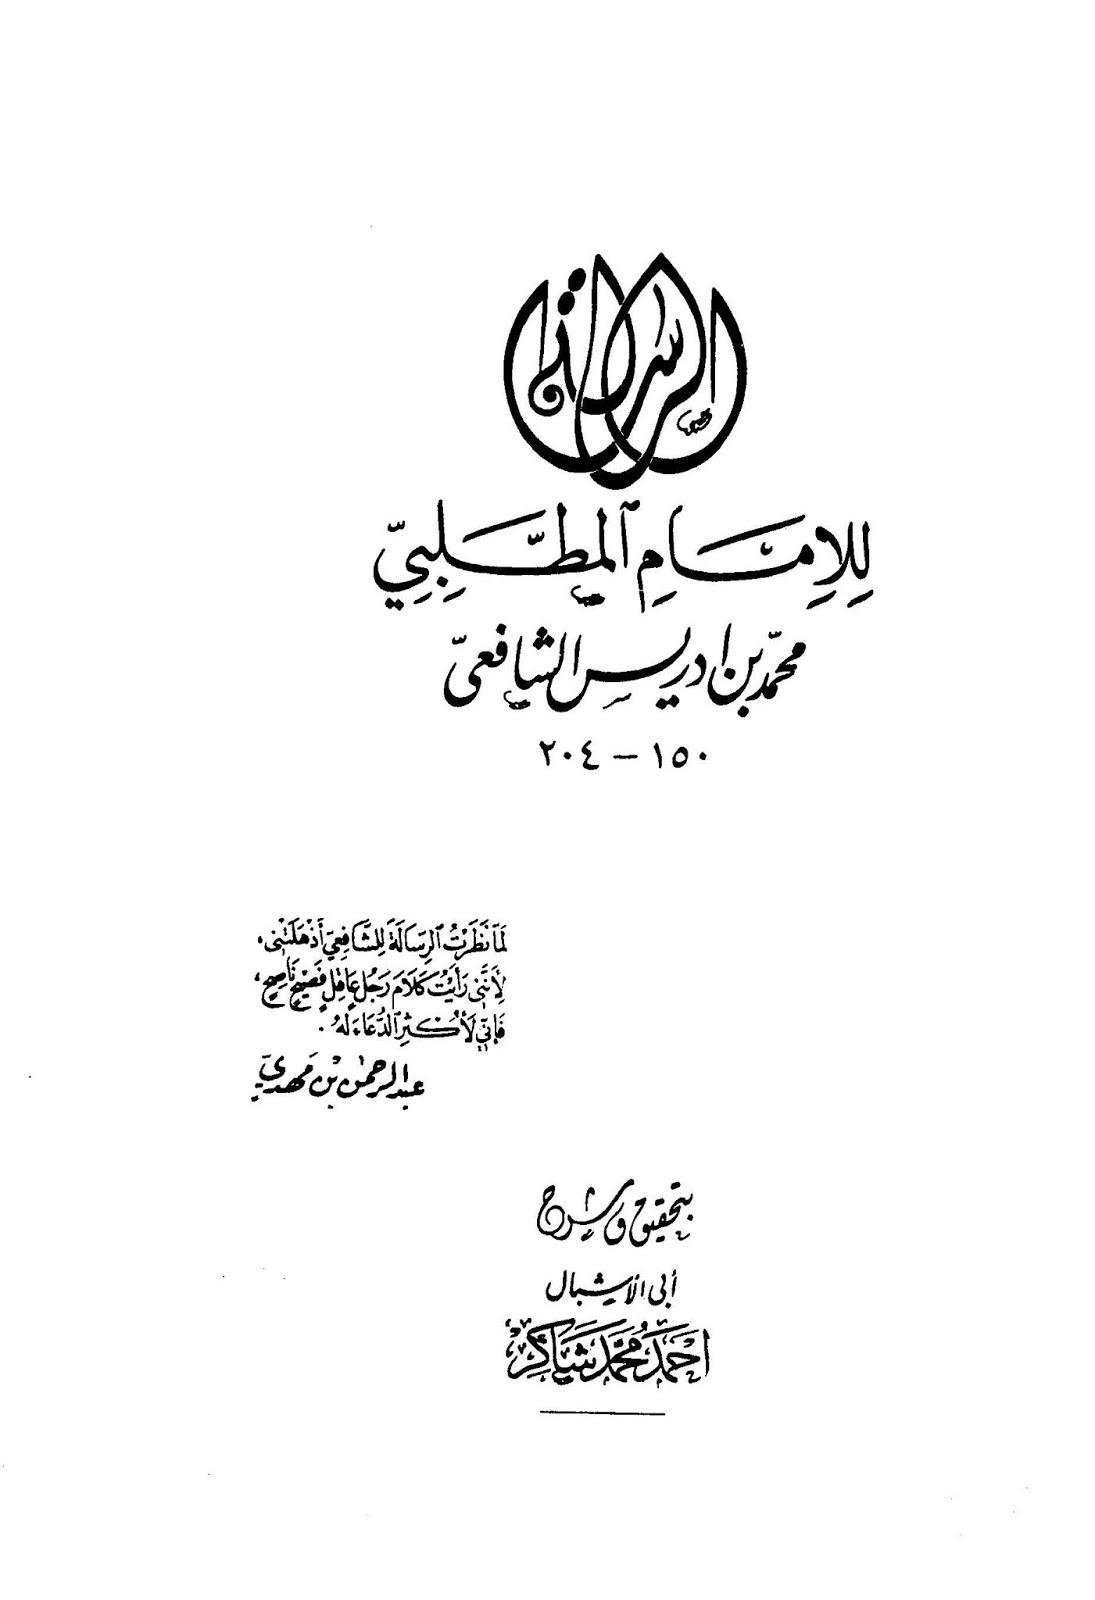 الرسالة للإمام الشافعي - تحقيق أحمد شاكر pdf